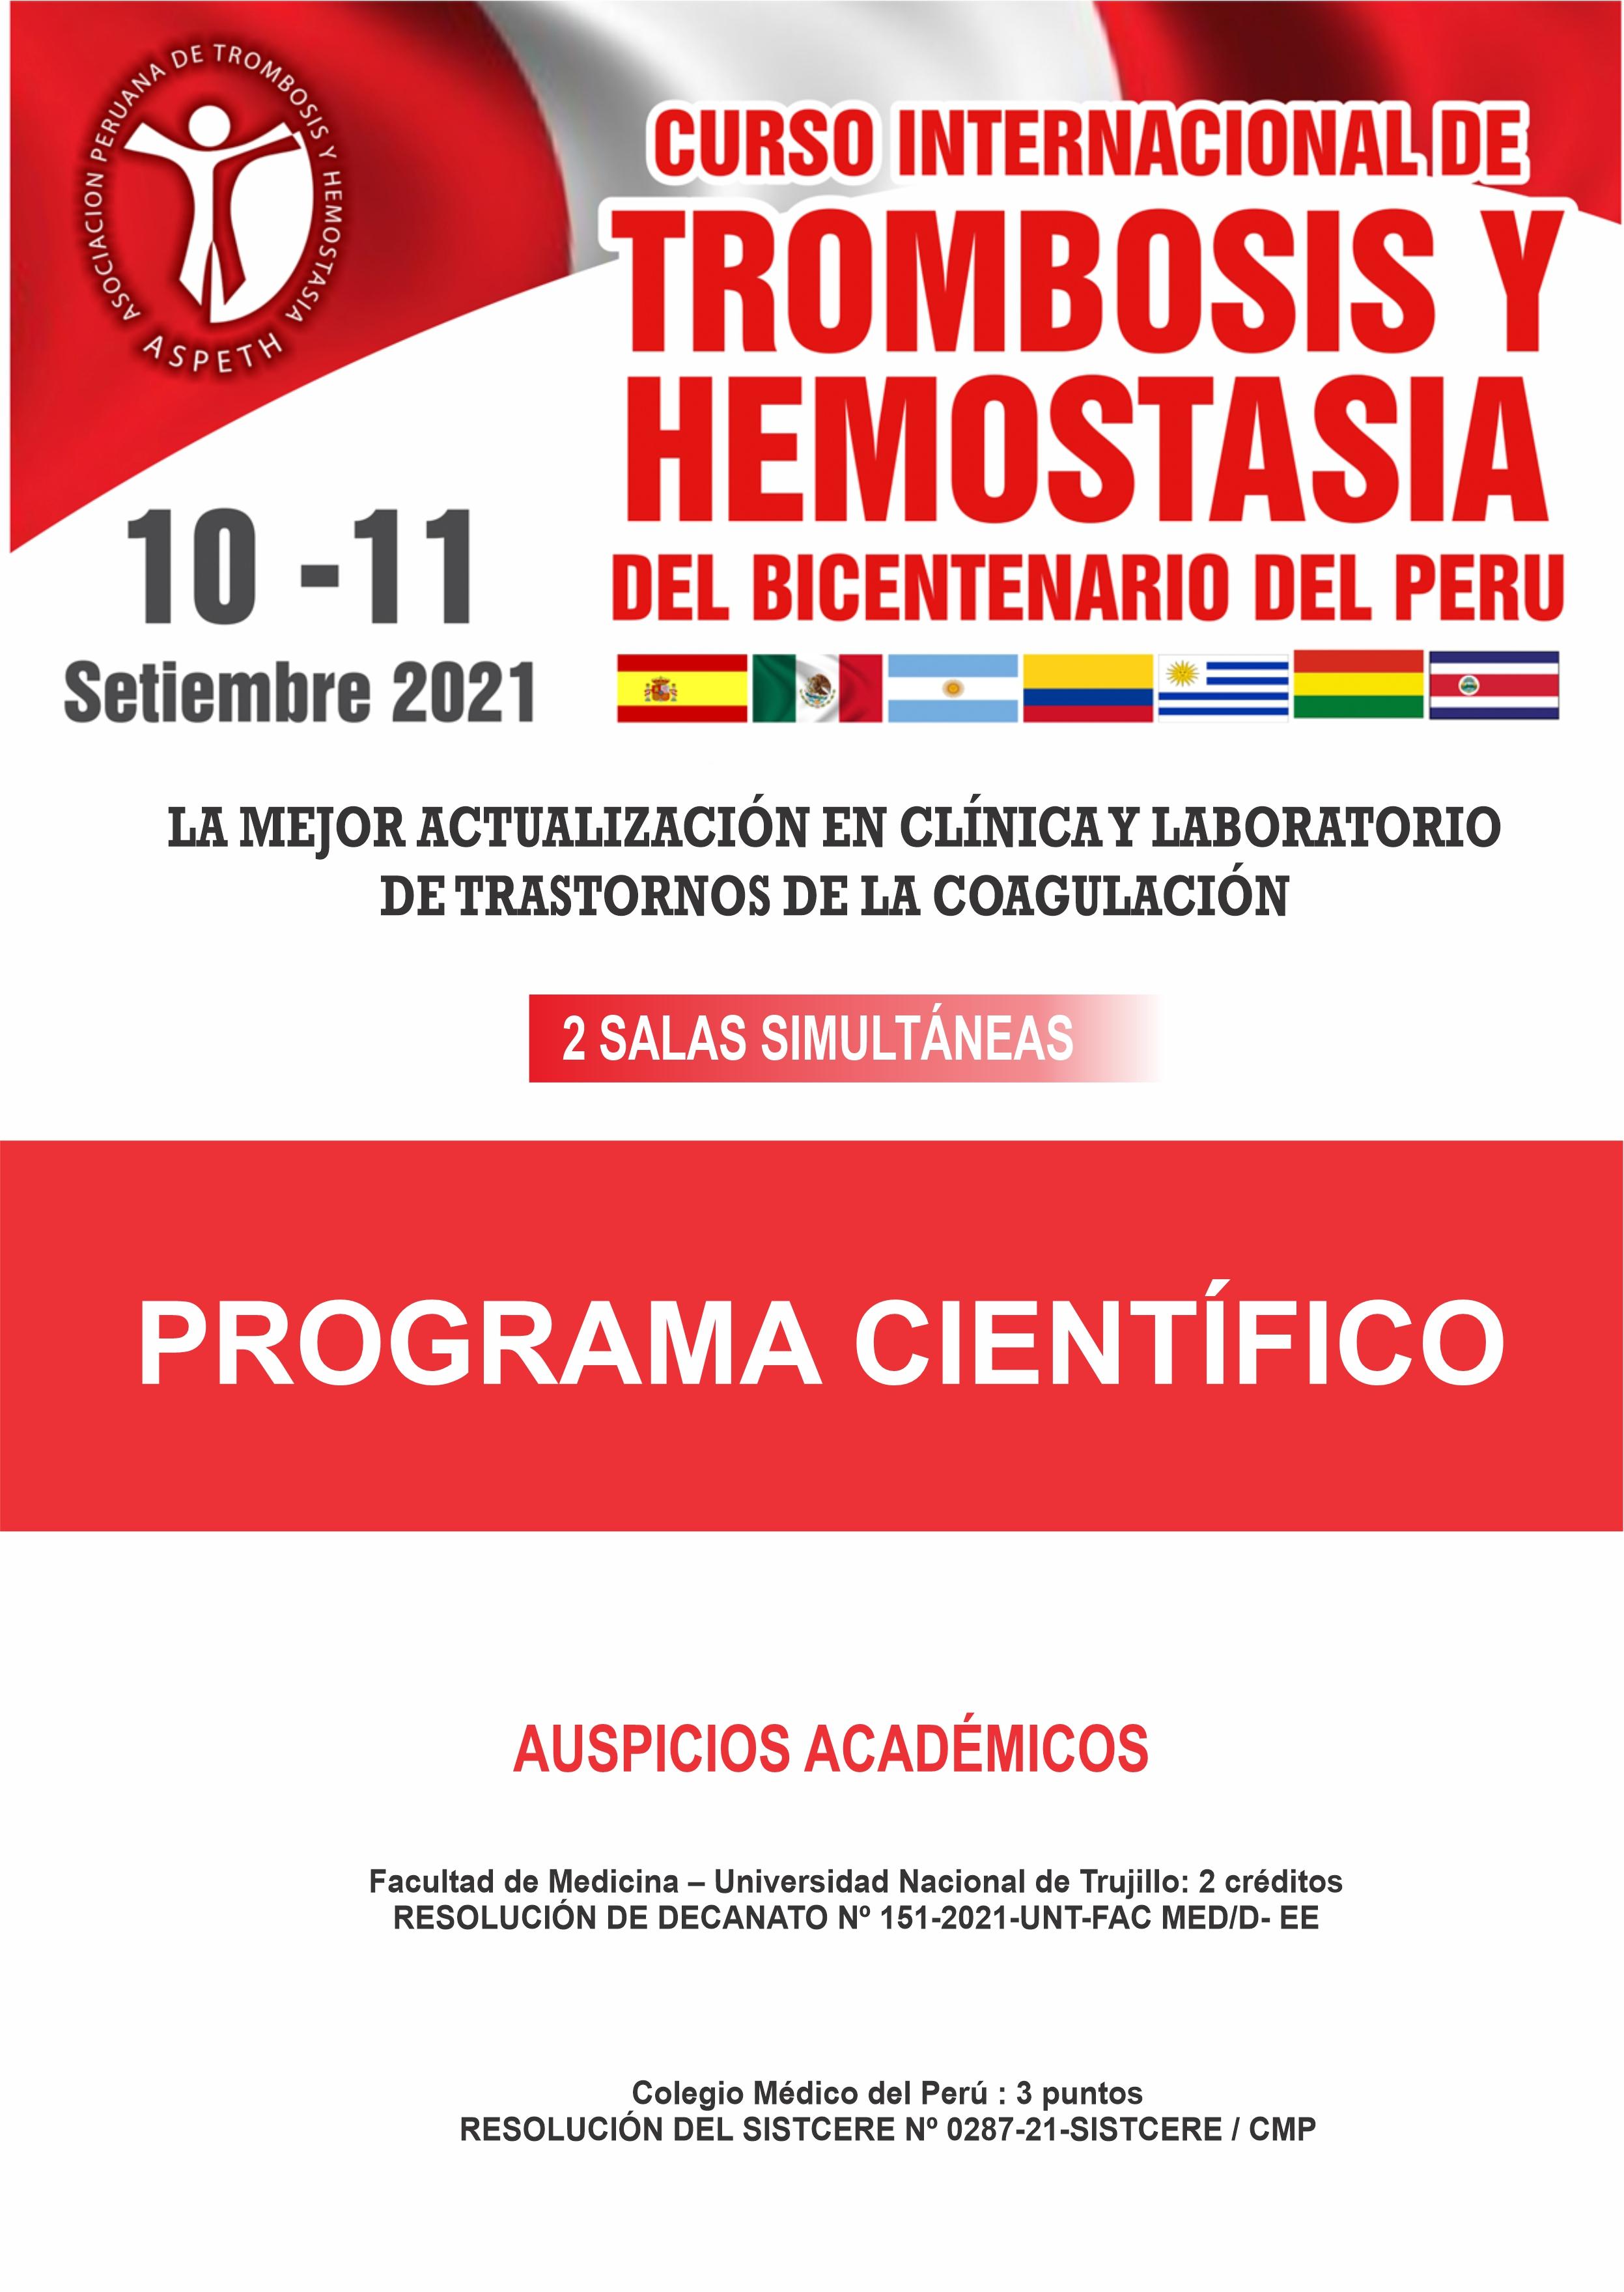 Programa Científico Curso Internacional de trombosis y Hemostasia